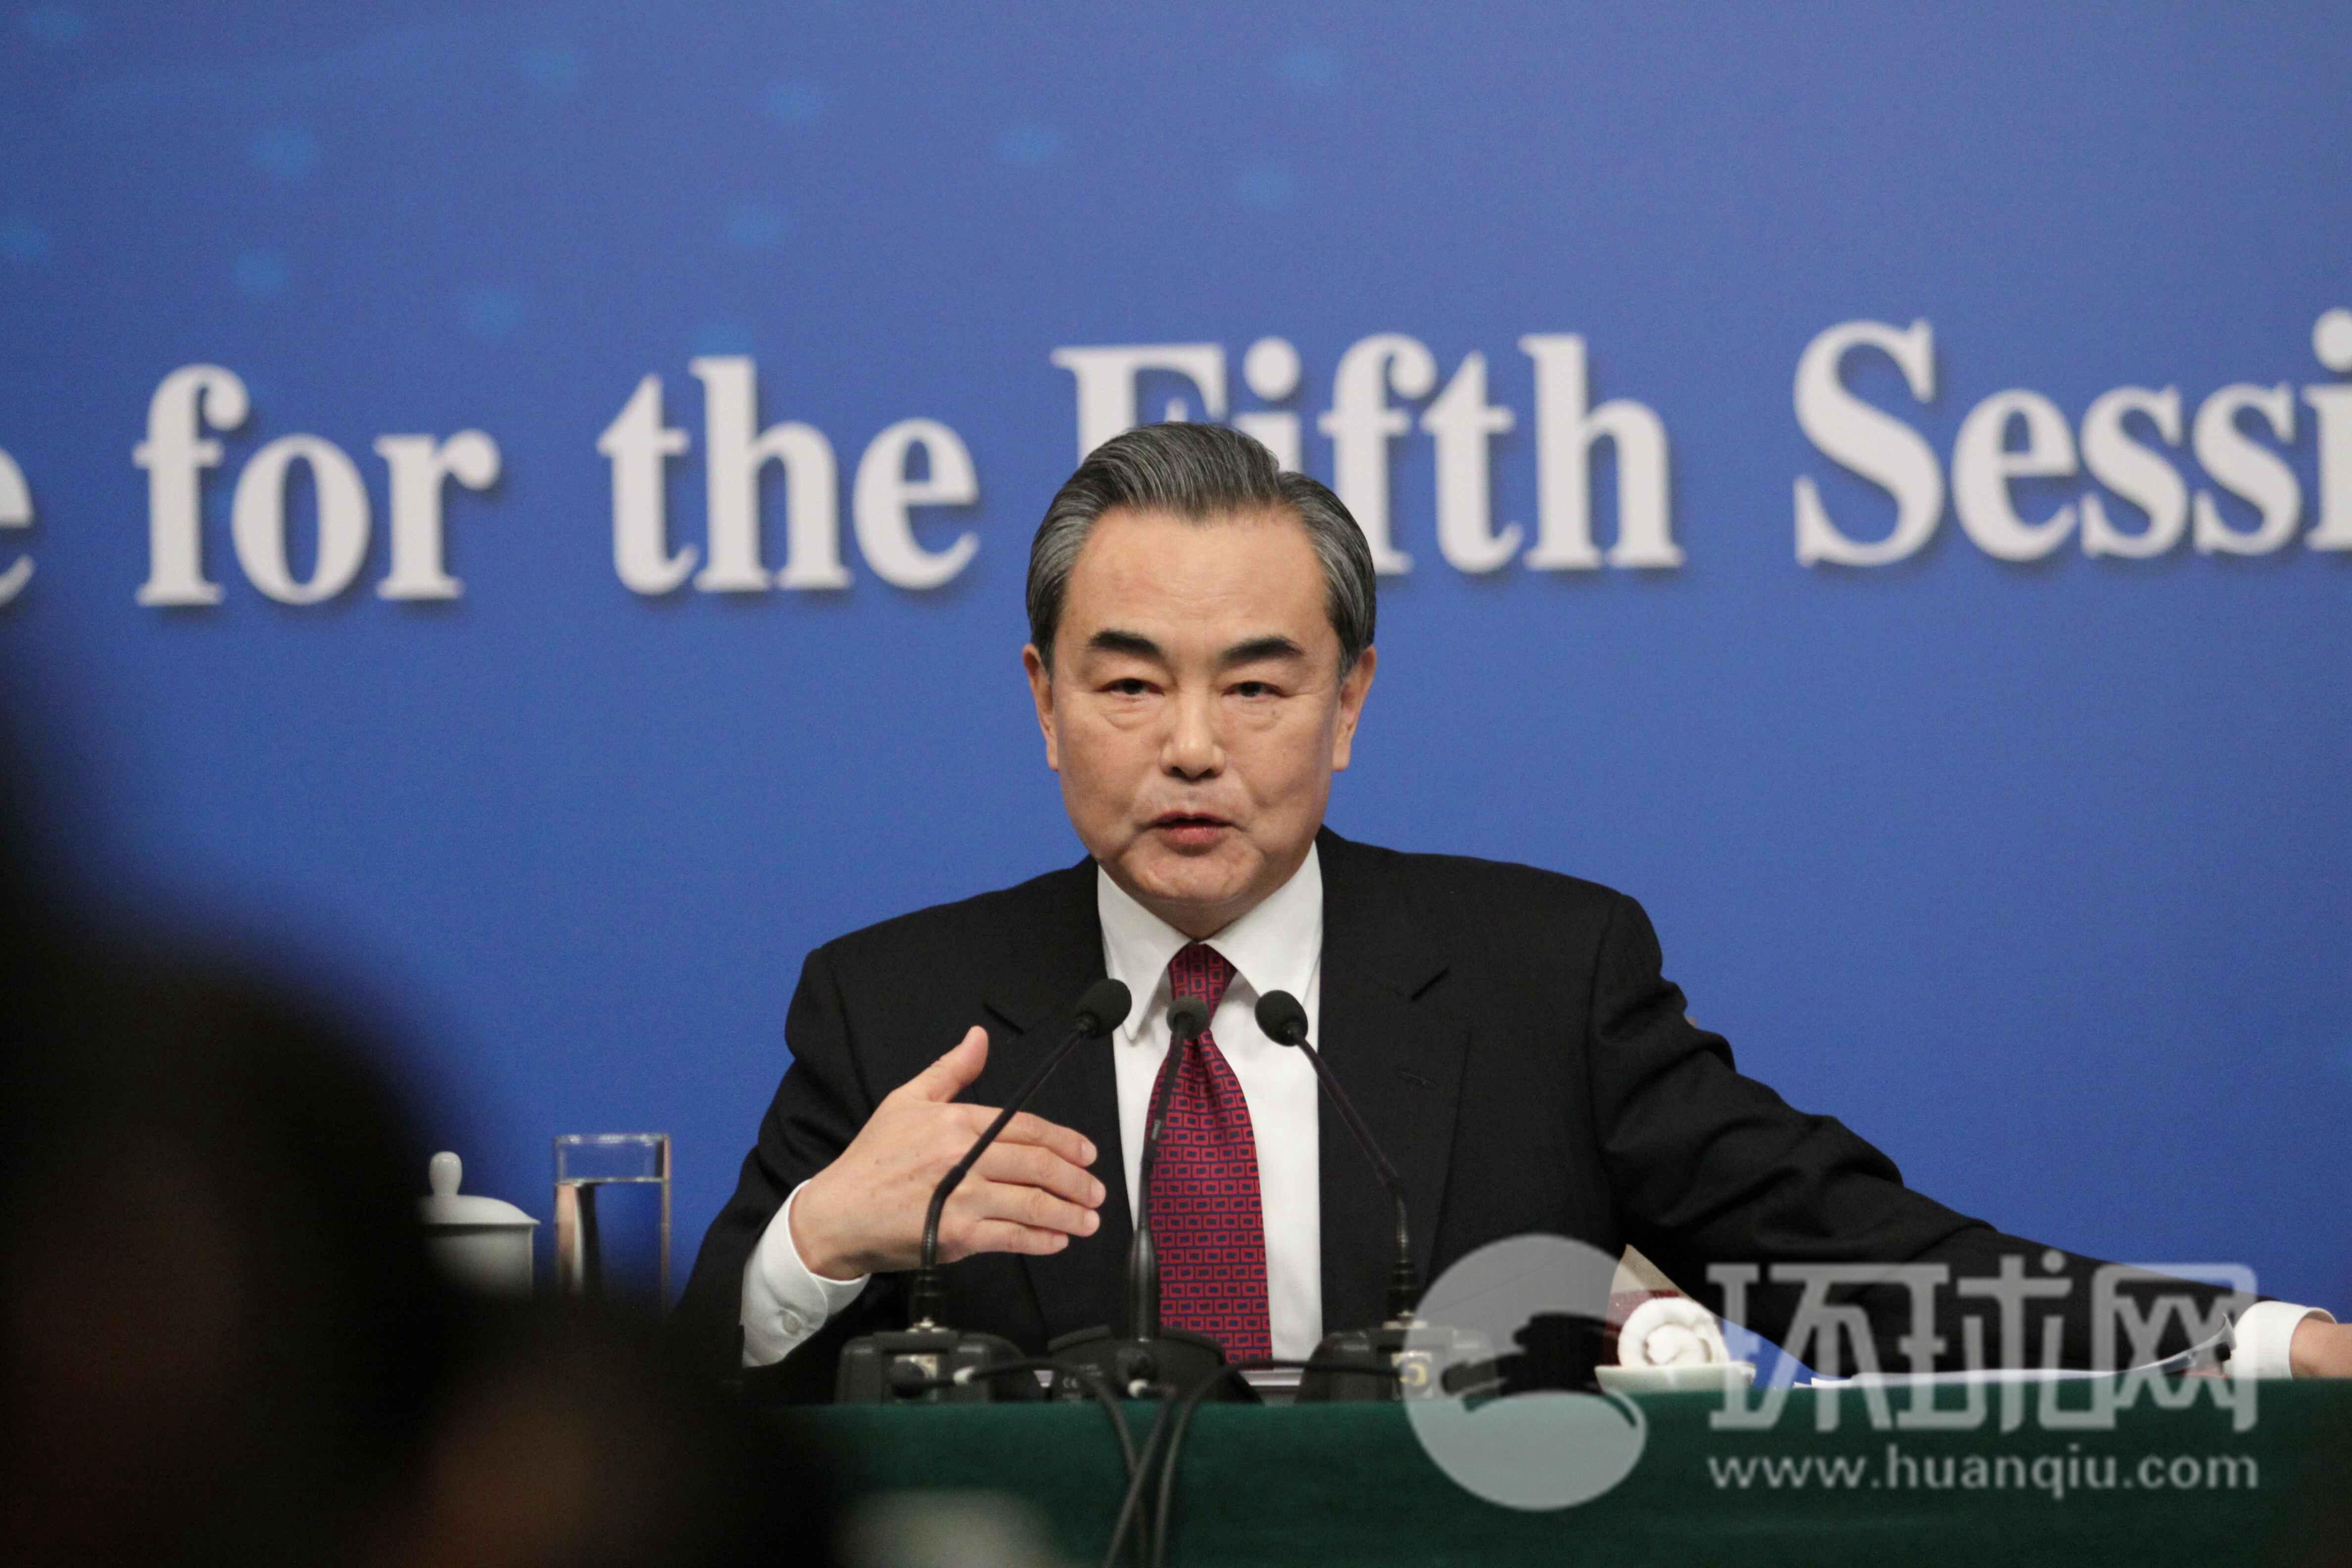 社评:王毅记者会展现了整个国家的自信